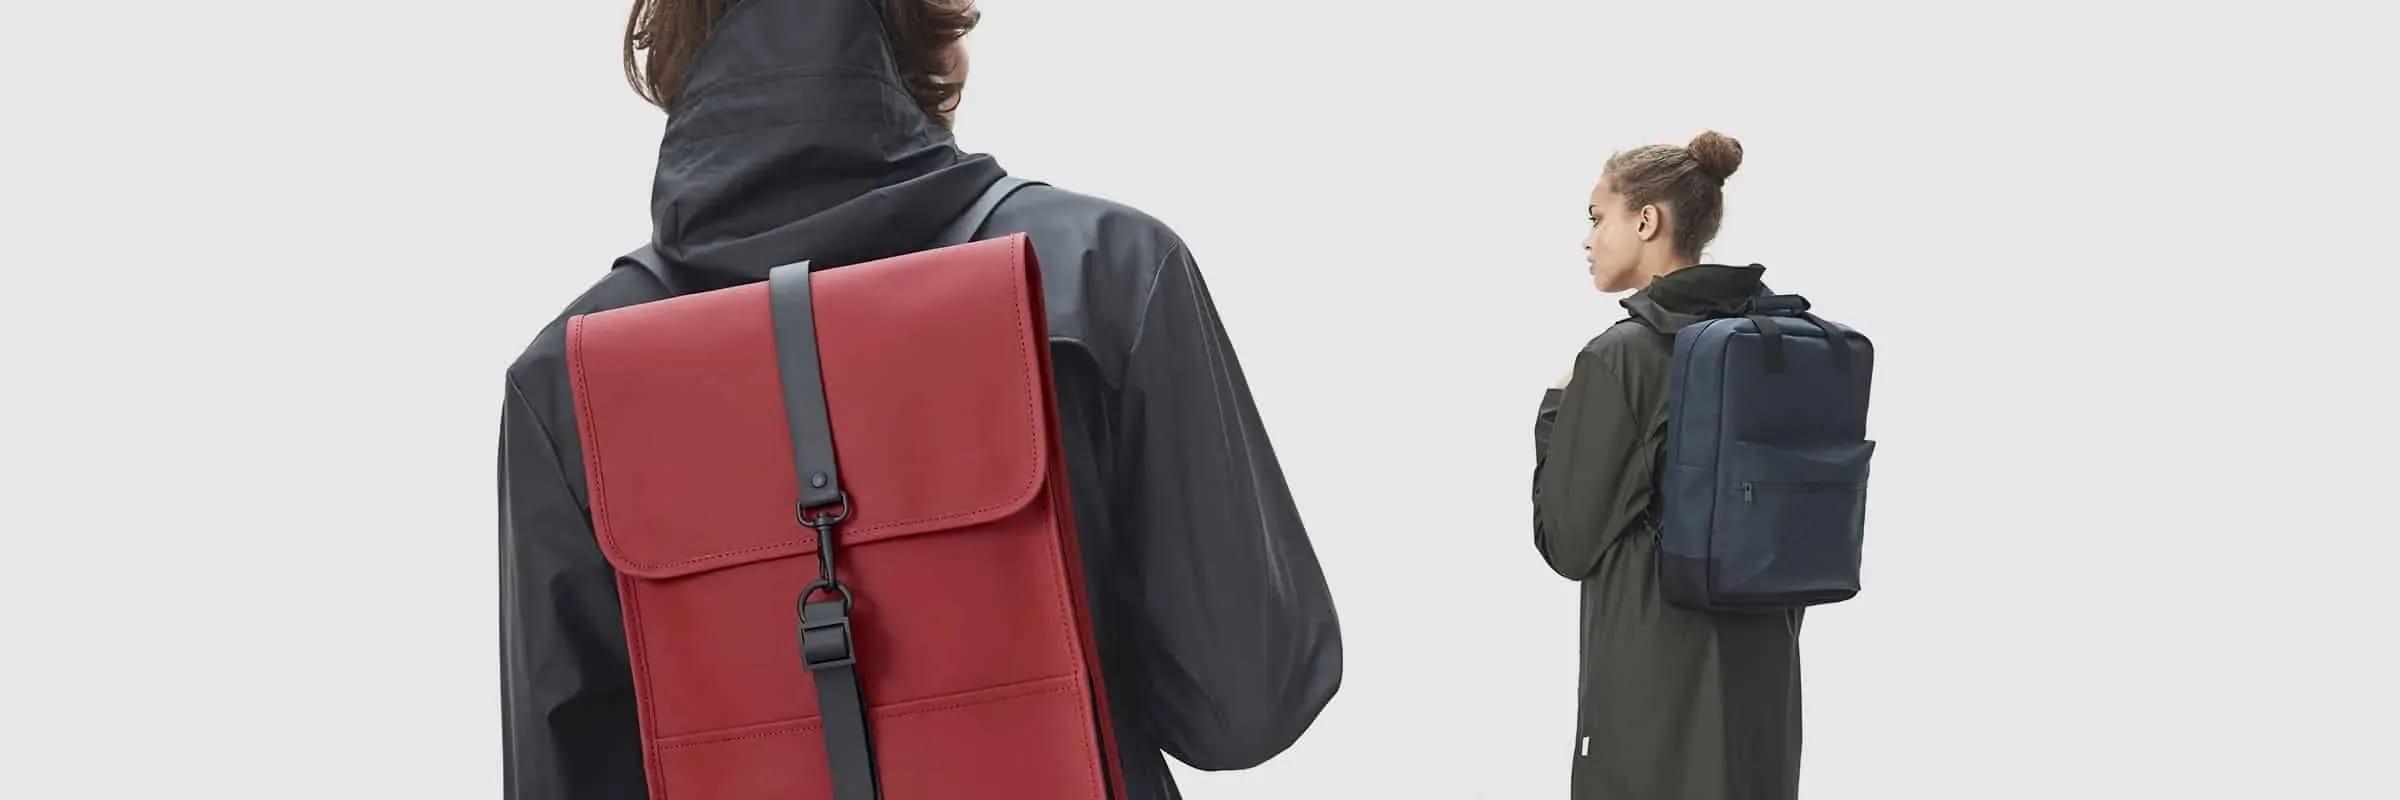 Les meilleurs sacs à dos urbains pour déplacements par mauvais temps